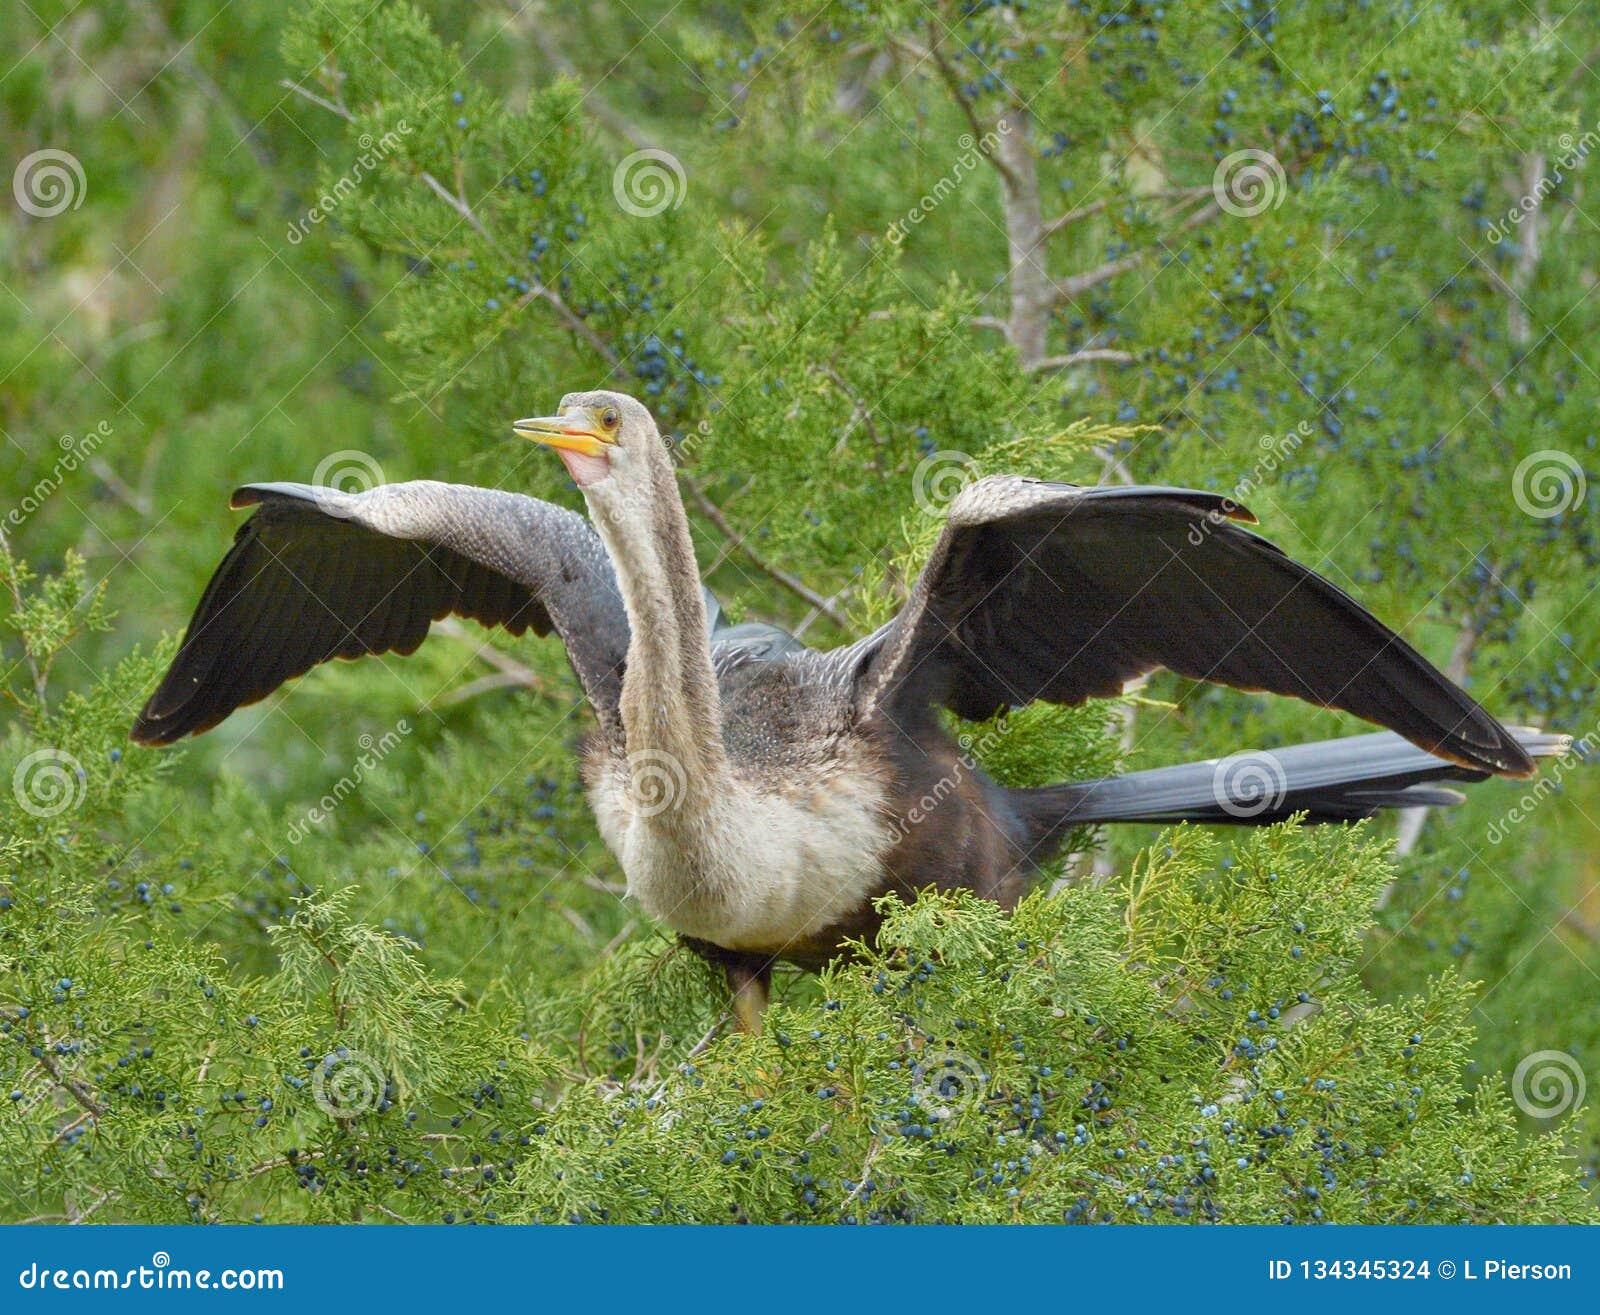 连续下潜翻动美洲蛇鸟的羽毛,要求鸟花费它的时间自夸